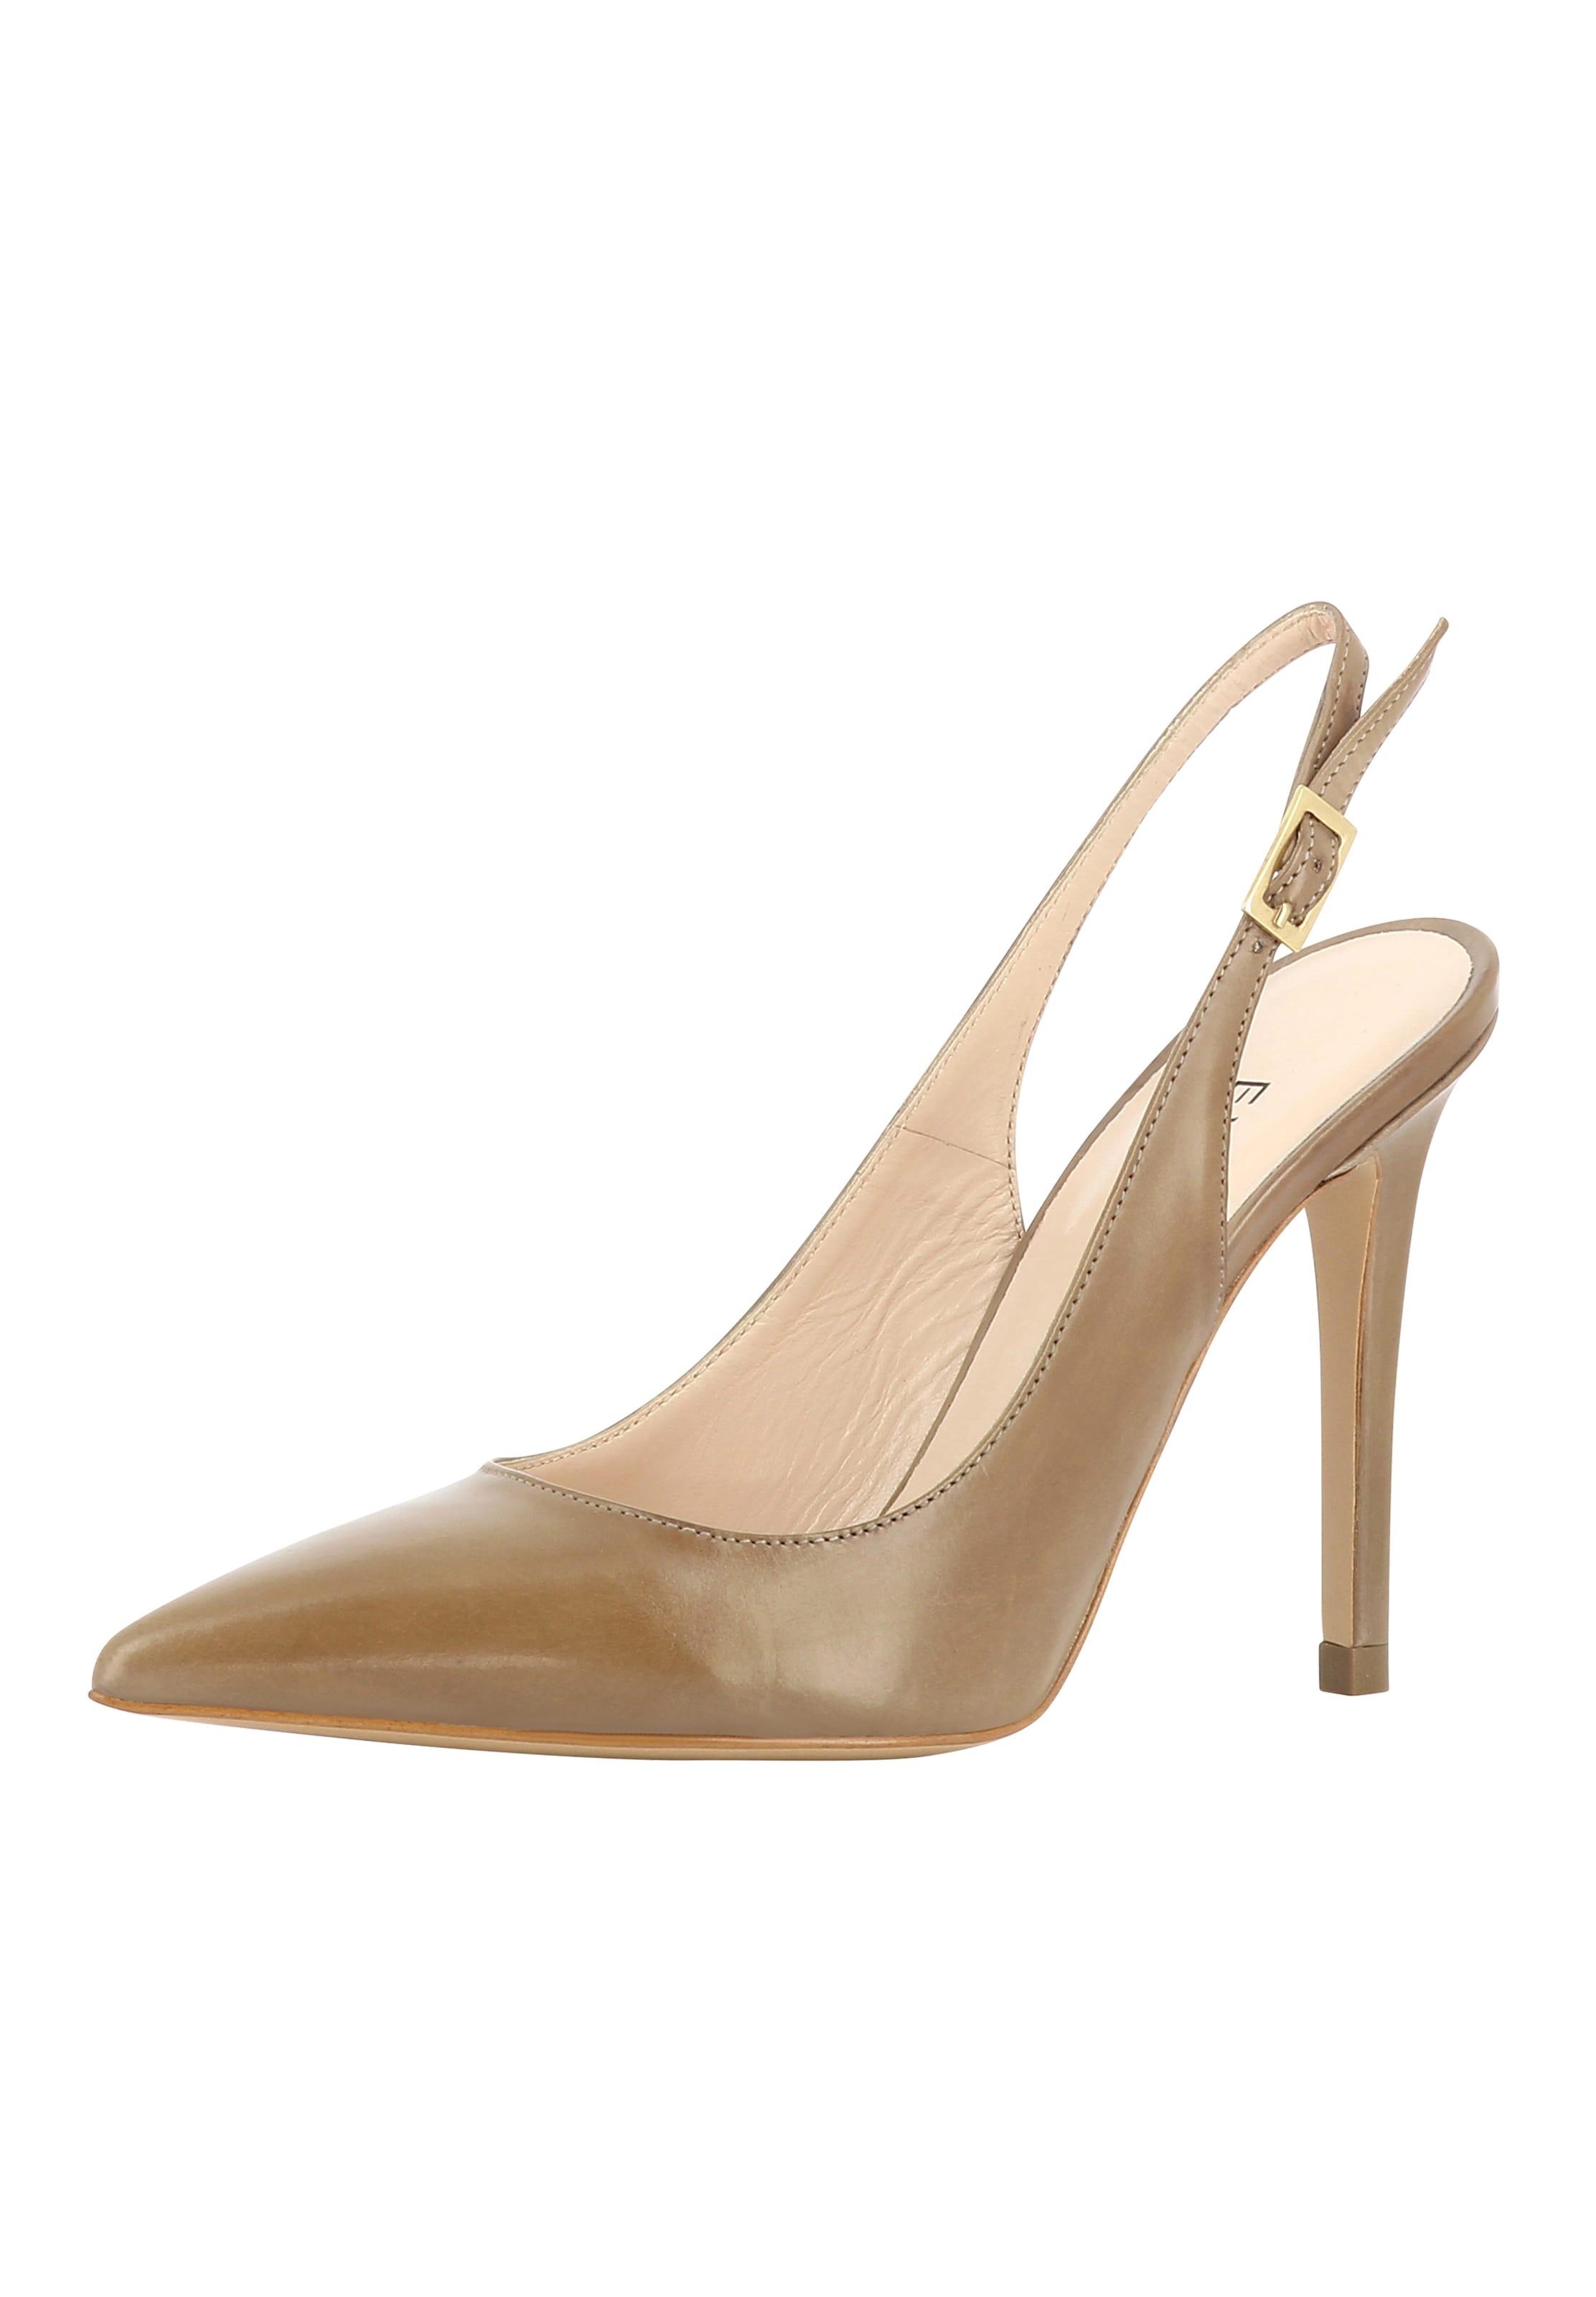 EVITA Damen Sling Pumps Günstige und Schuhe langlebige Schuhe und 53472b